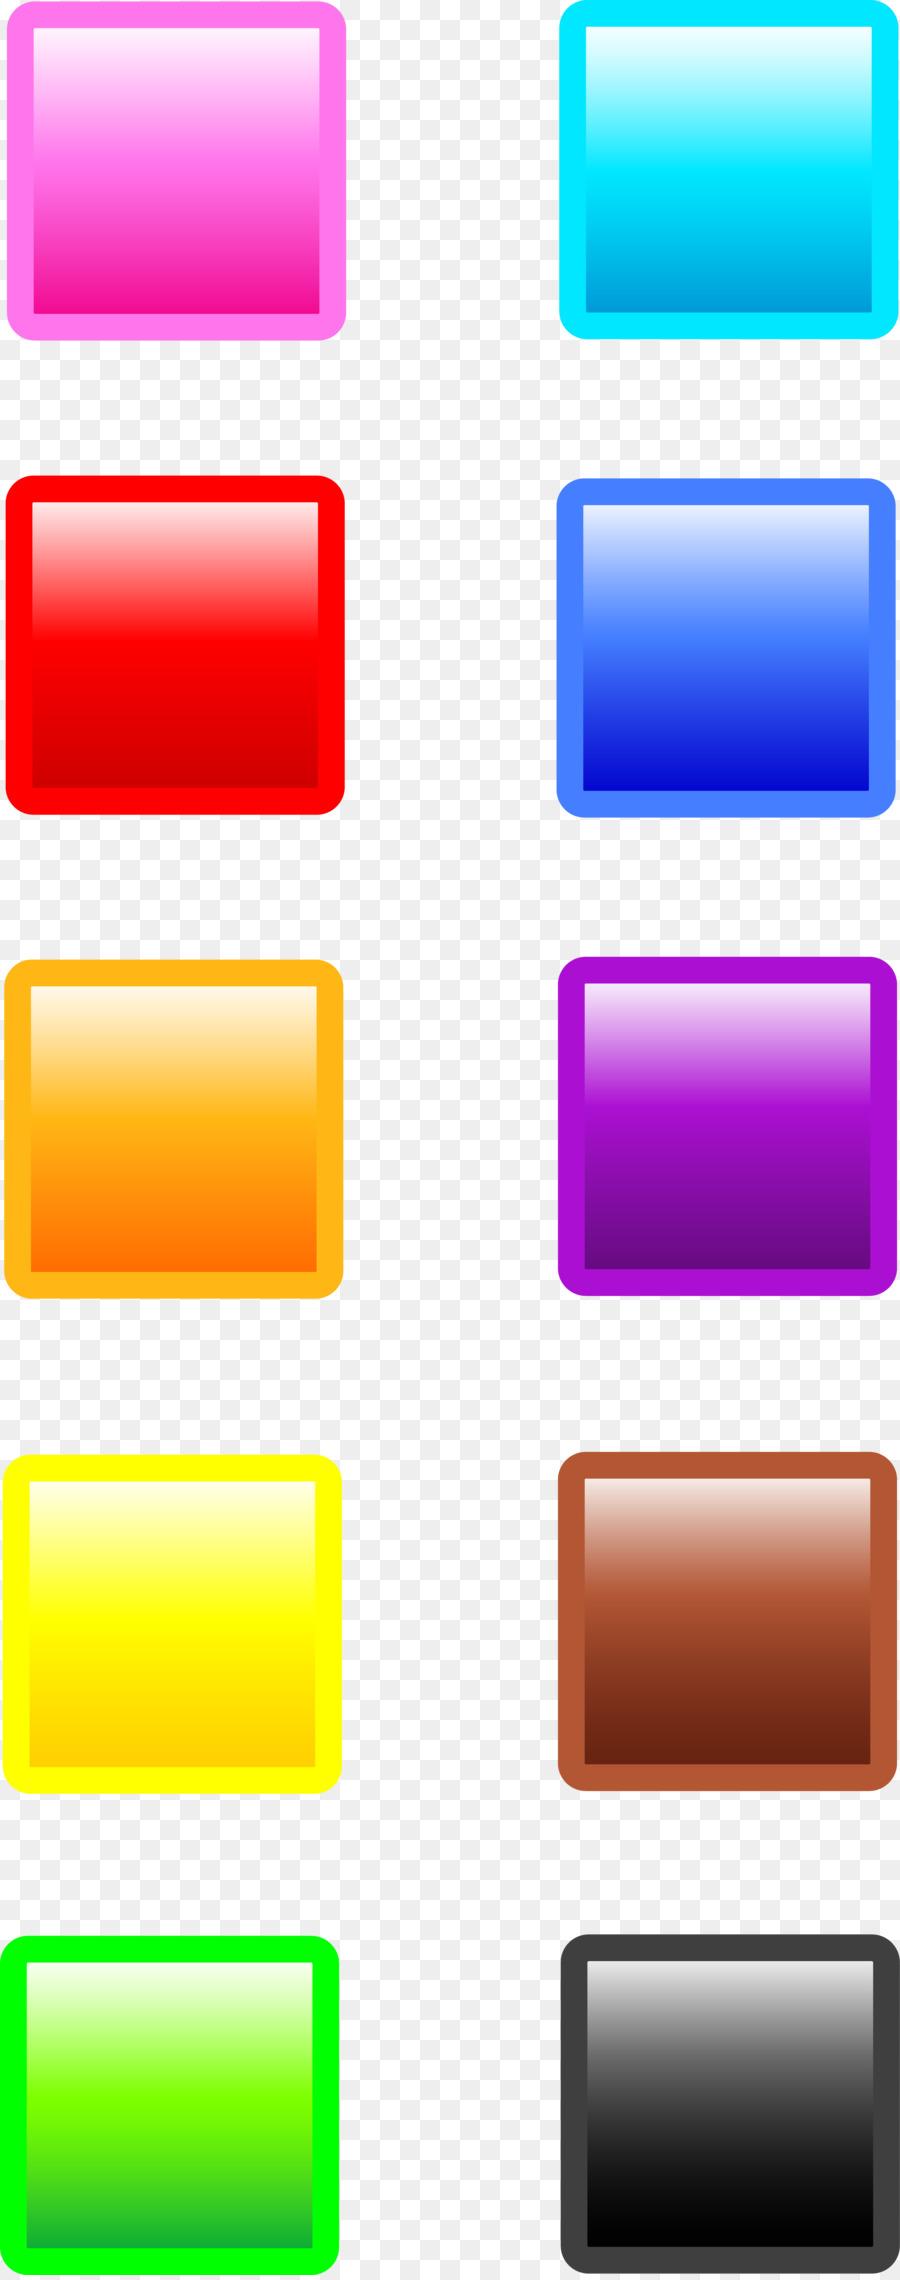 colorful squares clipart Web button Clip art clipart.